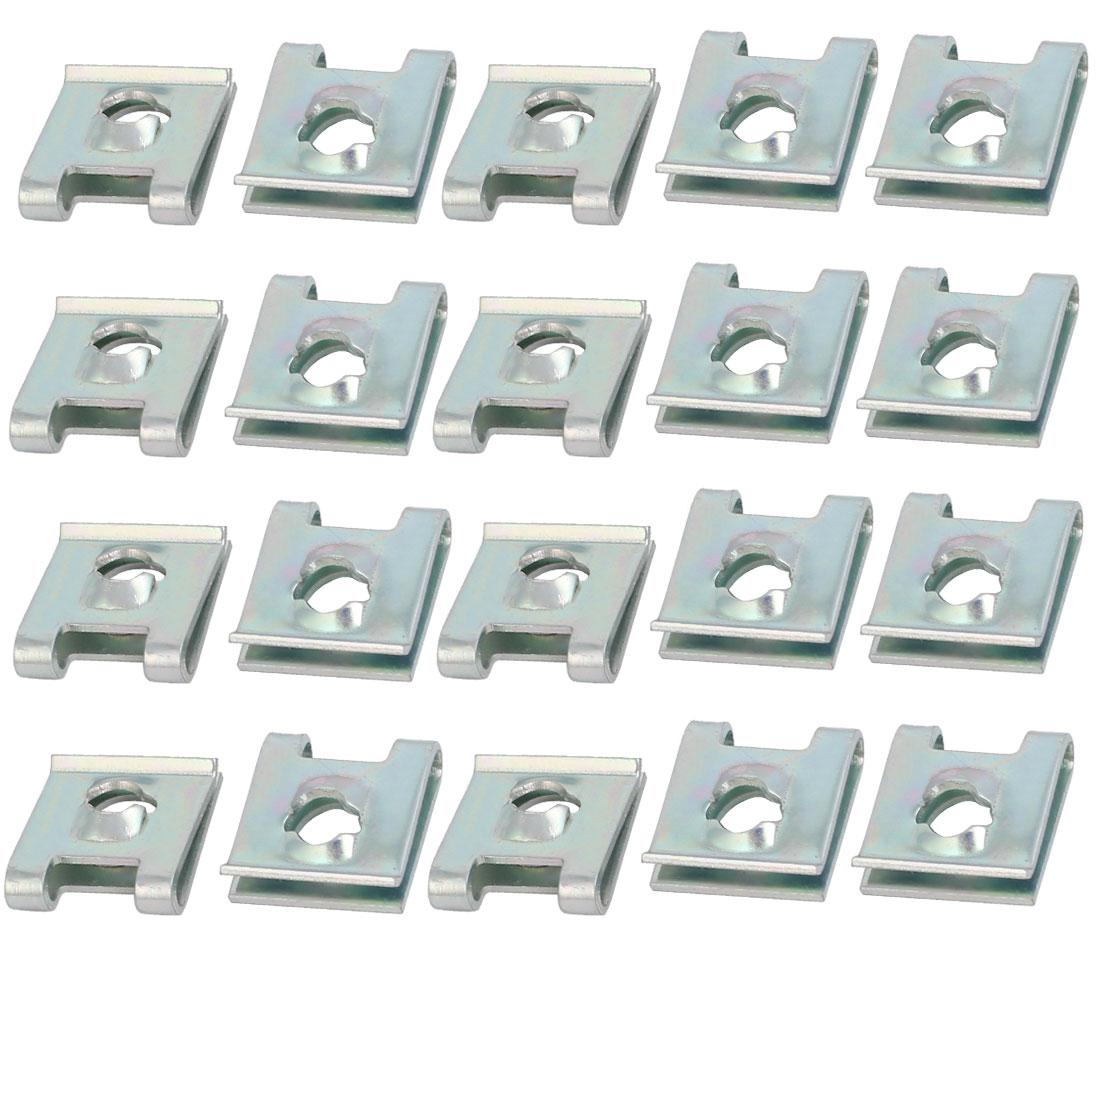 Fit M5/ST4.8 Screw 65Mn Spring Steel U Nut Silver Tone 14.3mm x 13.5mm 20pcs